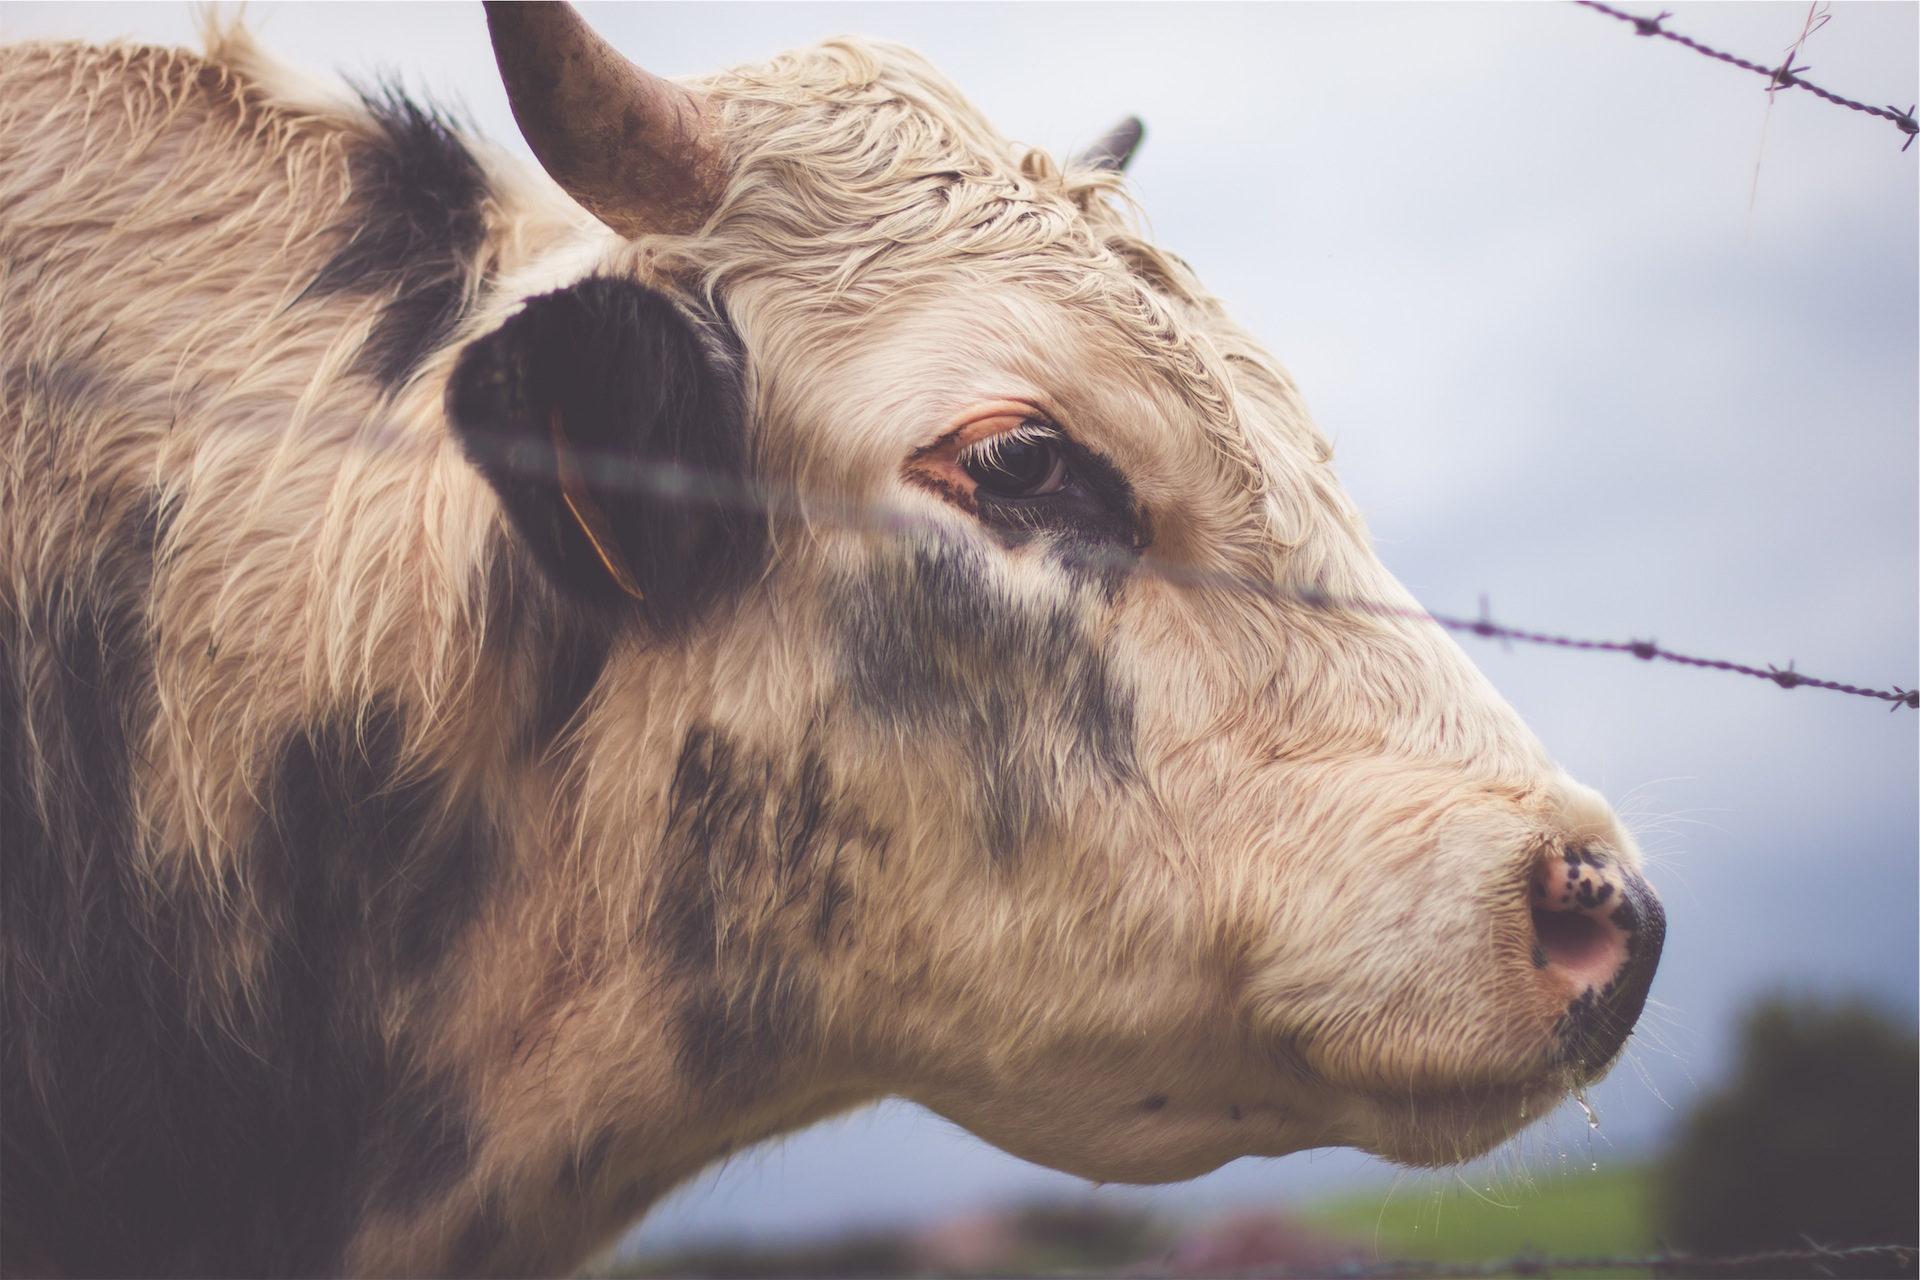 Корова, Телятина, Смотреть, поле, забор - Обои HD - Профессор falken.com